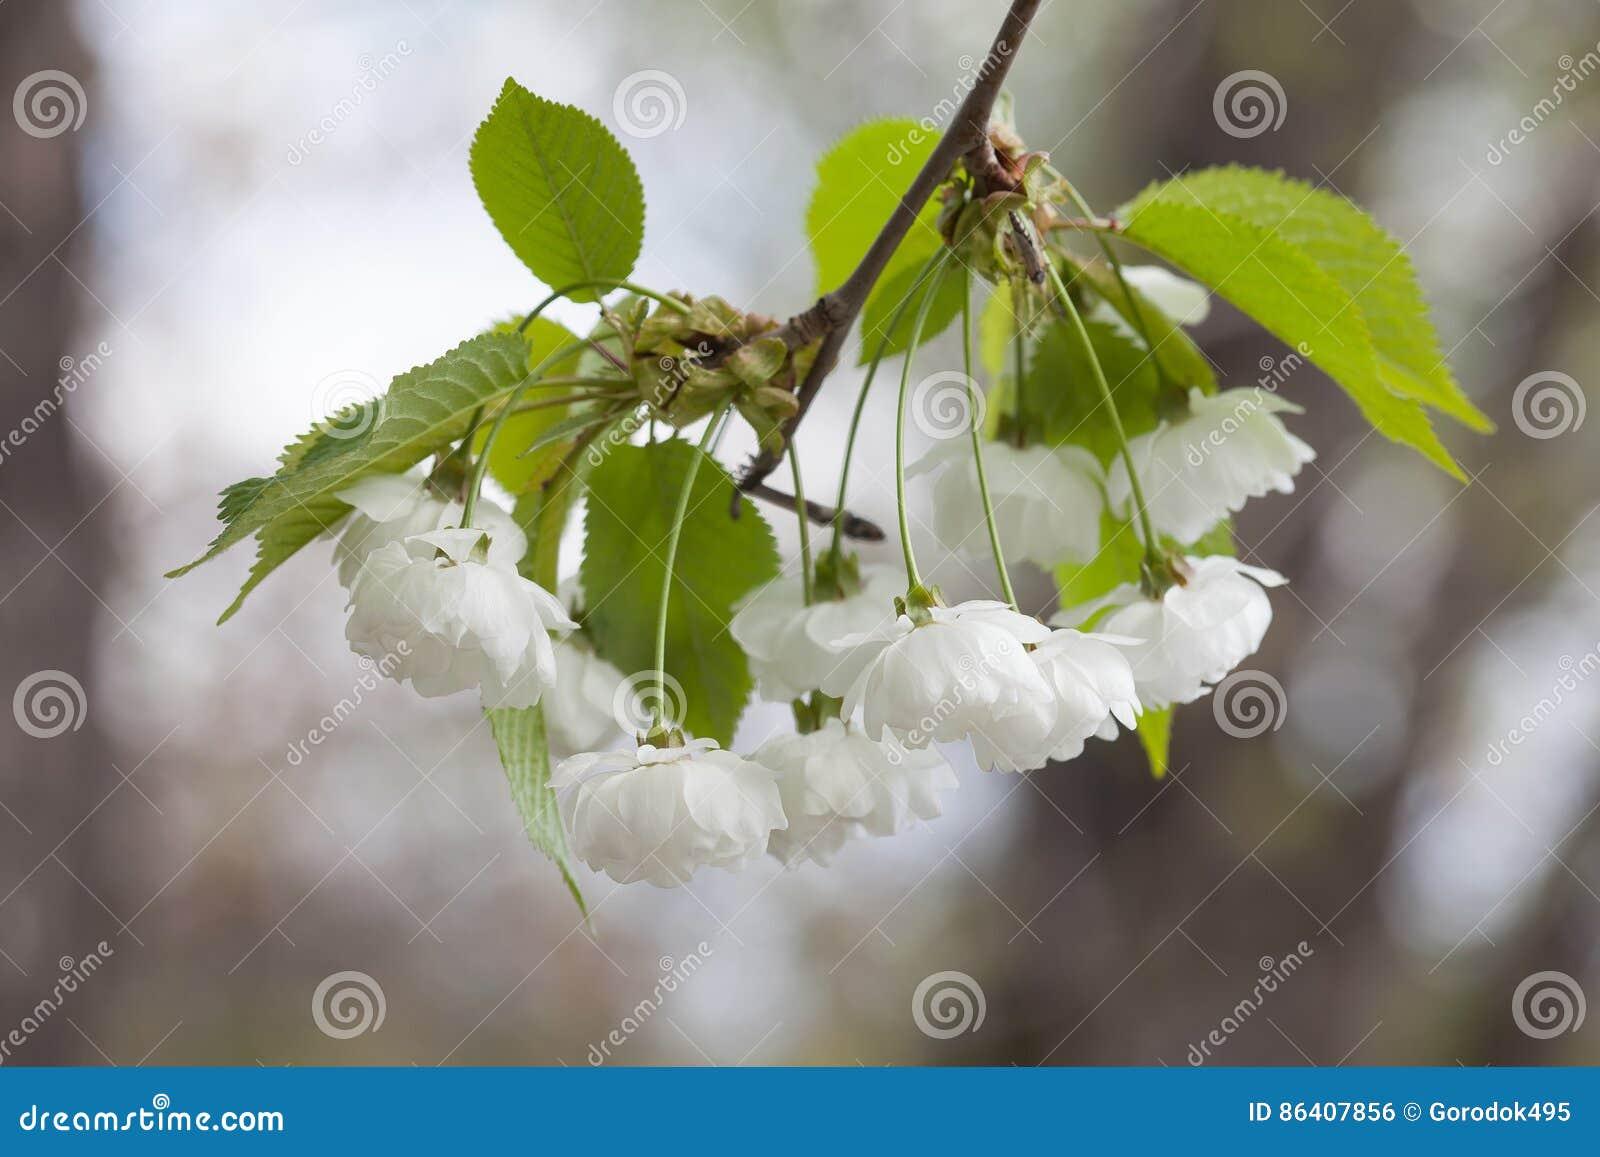 Blommande kinesisk äpplefilial med vita blommor och gräsplansidor crabappleträd, closeup för Malusprunifoliafruktträd